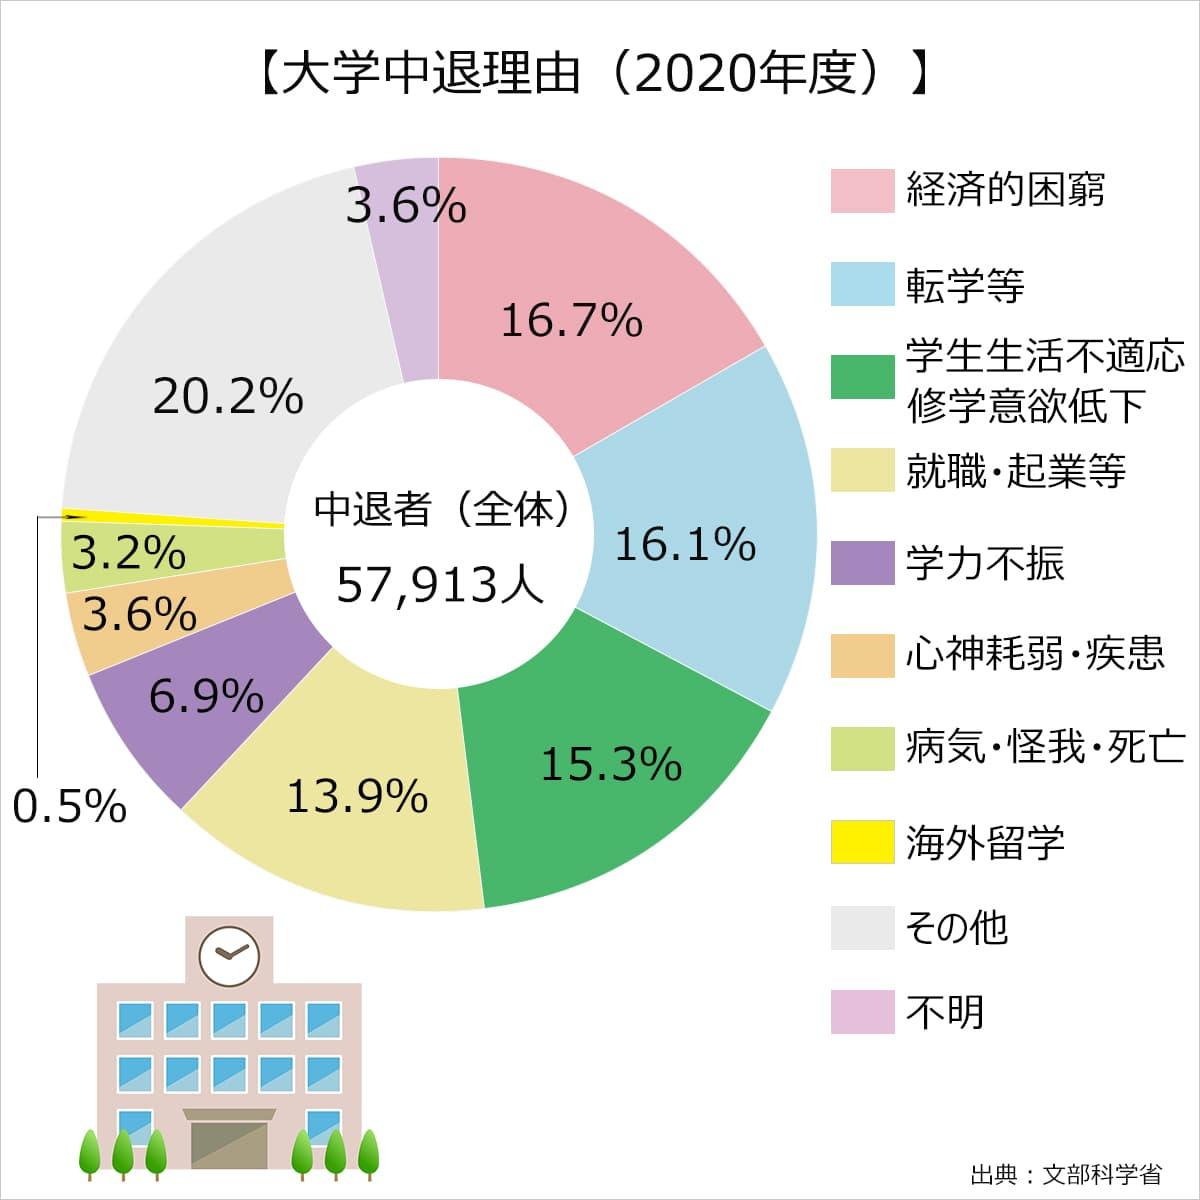 2020年の大学中退理由。文部科学省調べ。経済的困窮:16.7%、転学等:16.1%、学生生活不適応、修学意欲低下:15.3%、就職・起業等:13.9%、学力不振:6.9%、心神耗弱・疾患:3.6%、病気・怪我・志望:3.2%、海外留学:0.5%、その他:20.2%、不明:3.6%